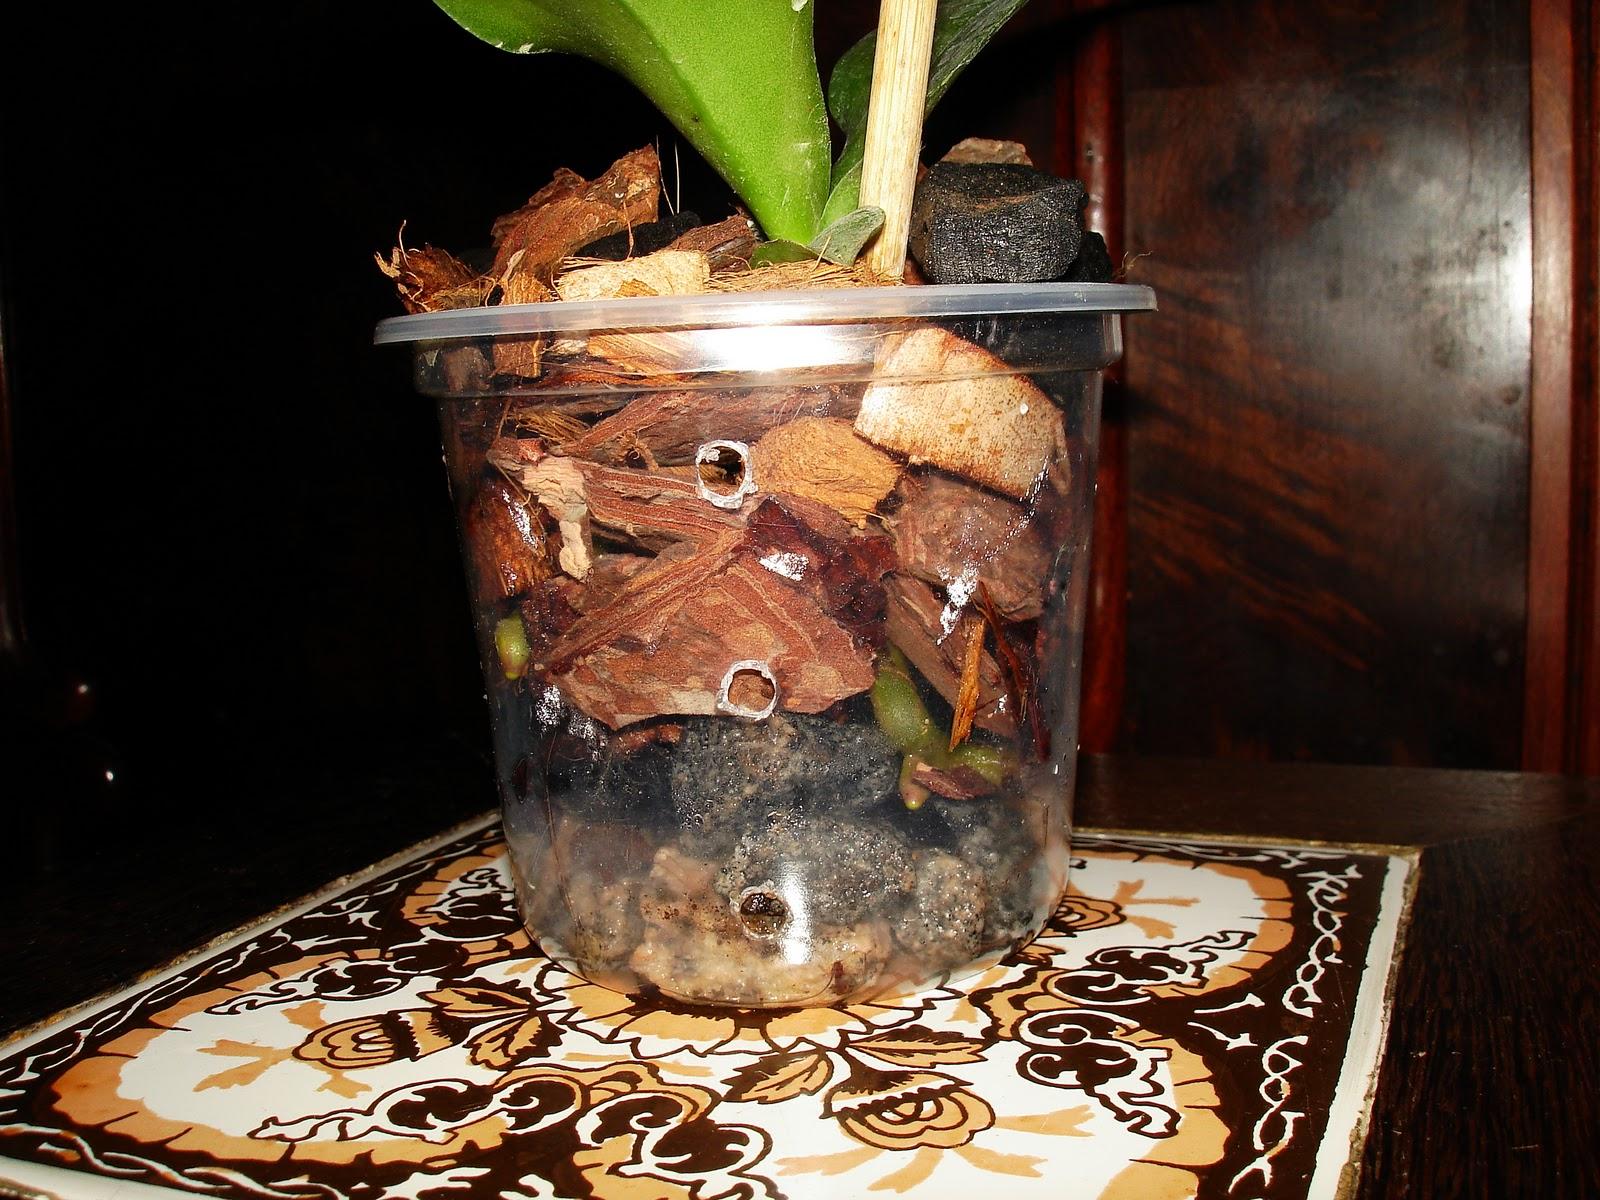 transplantio de orquídeas a essência do cultivo de orquídeas #4D6412 1600x1200